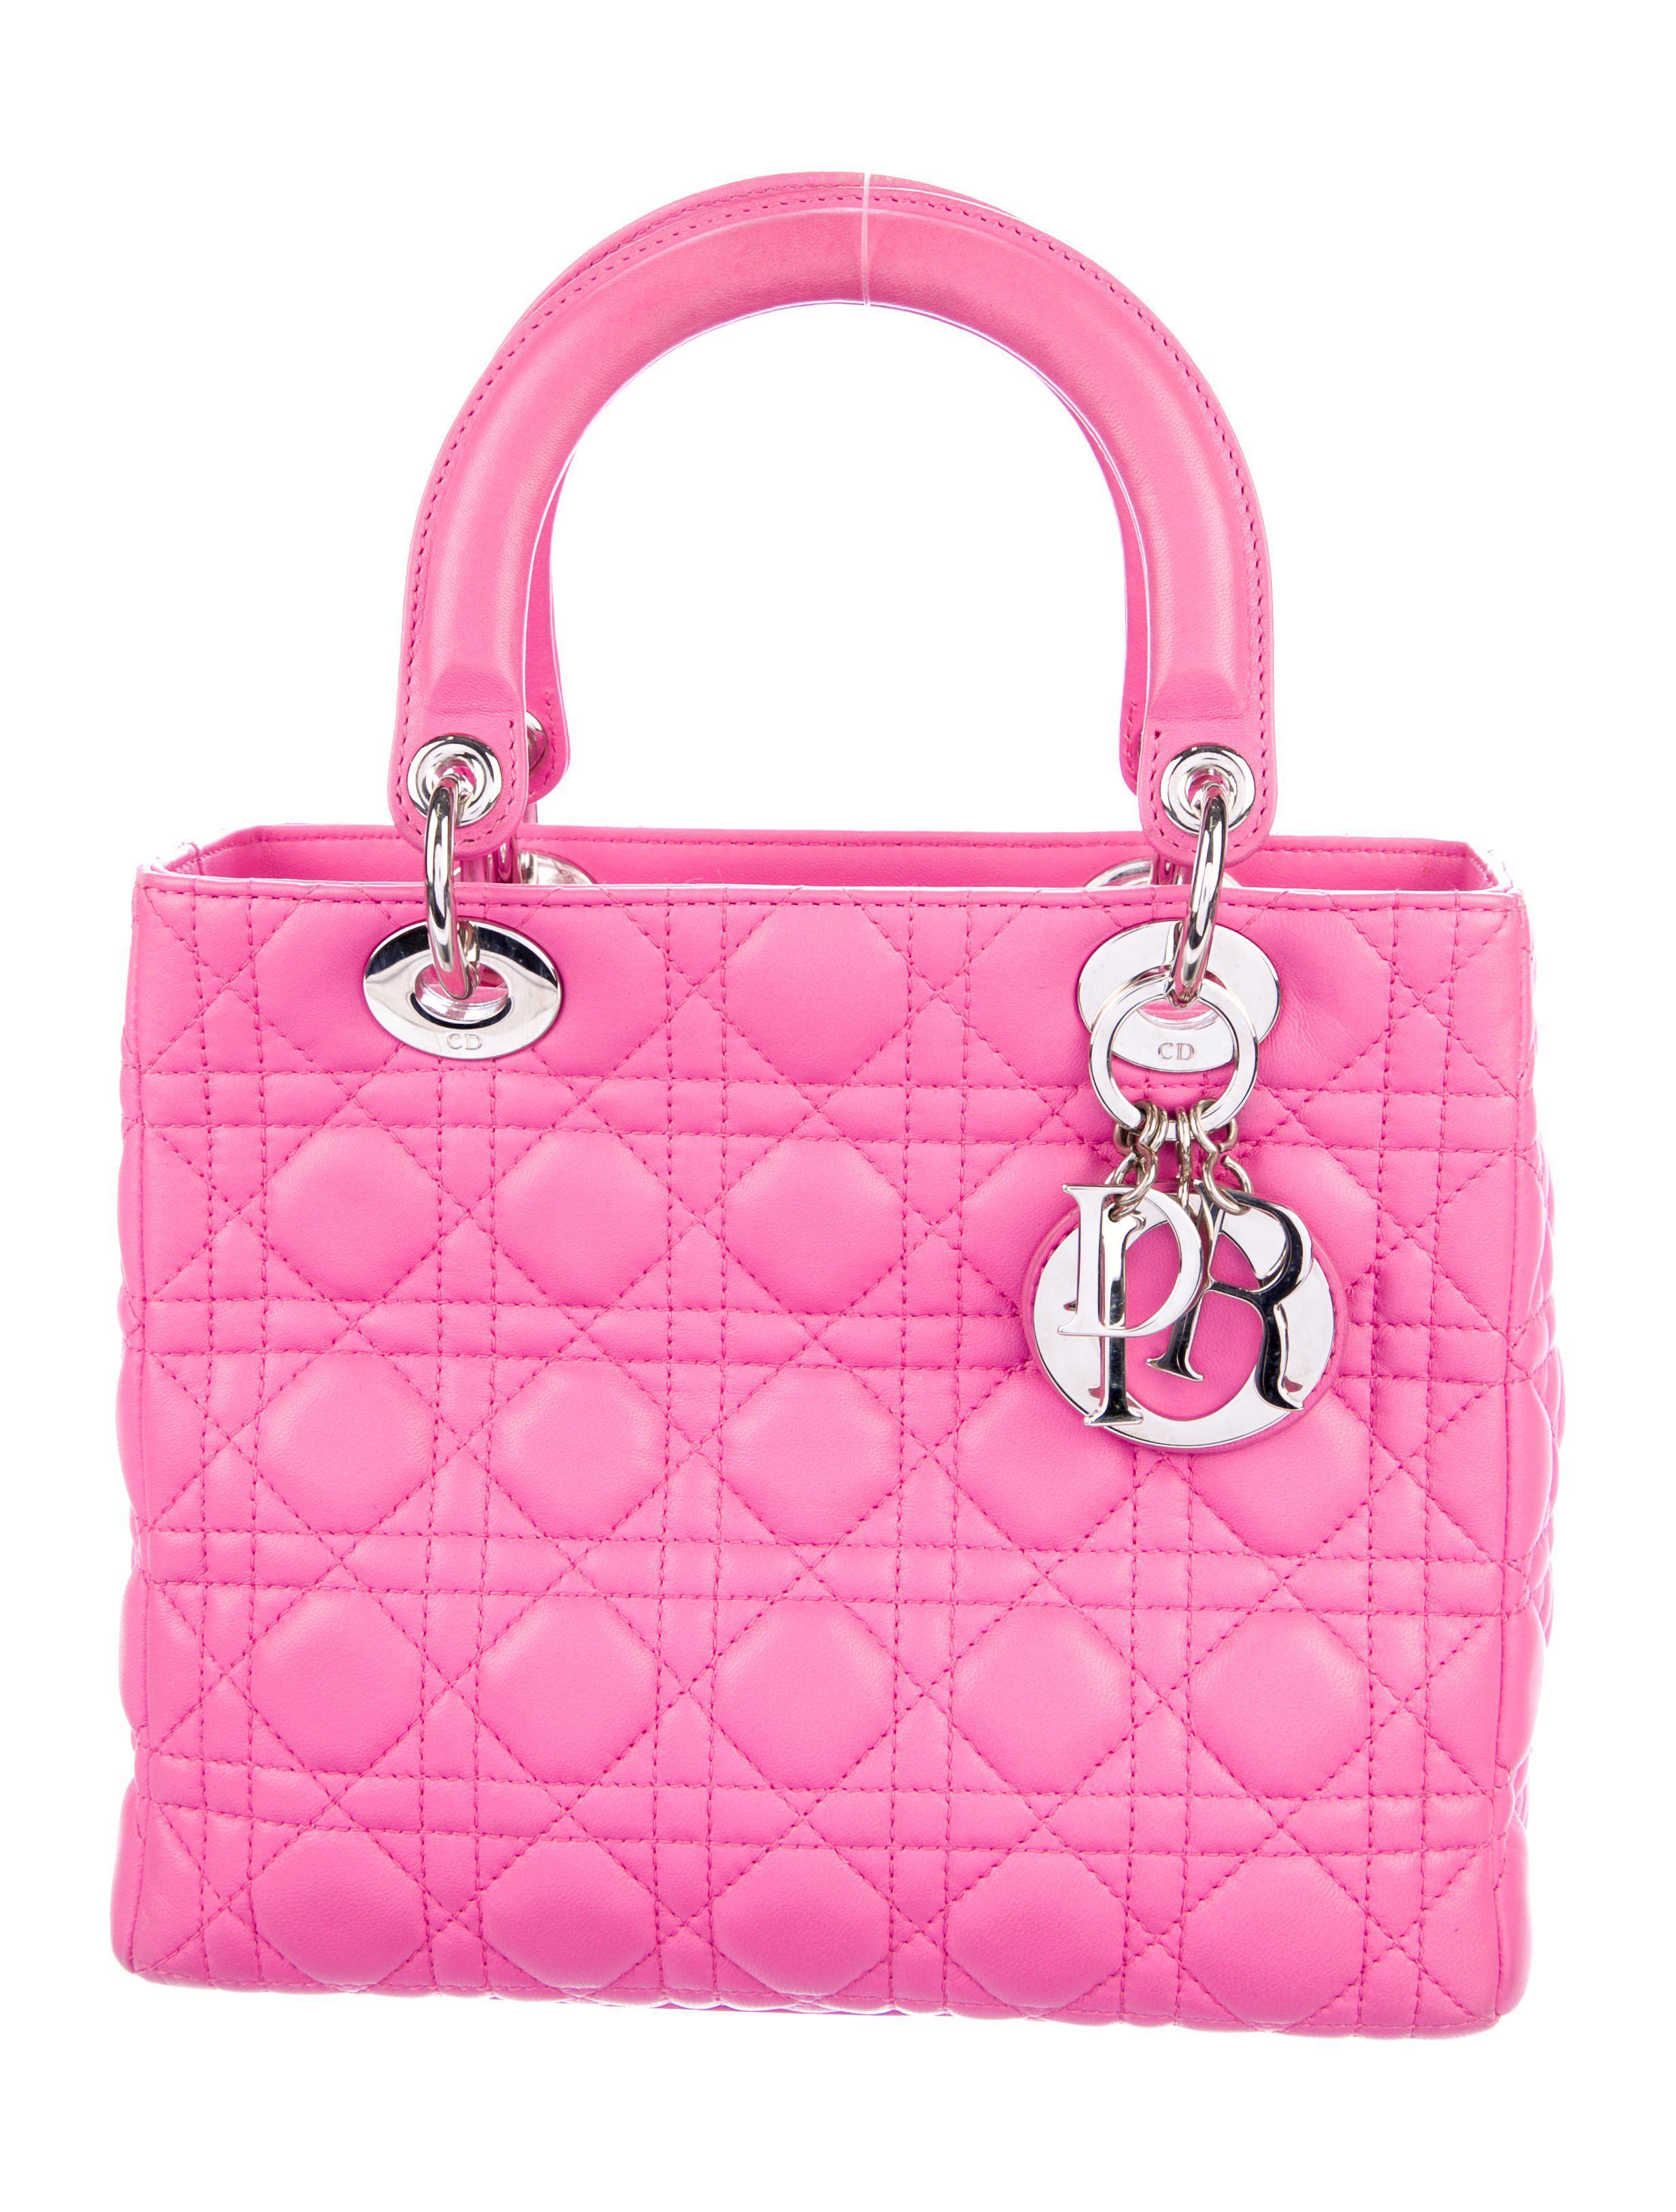 9206cf853619 Lyst - Dior Medium Lady Bag W  Strap Pink in Metallic